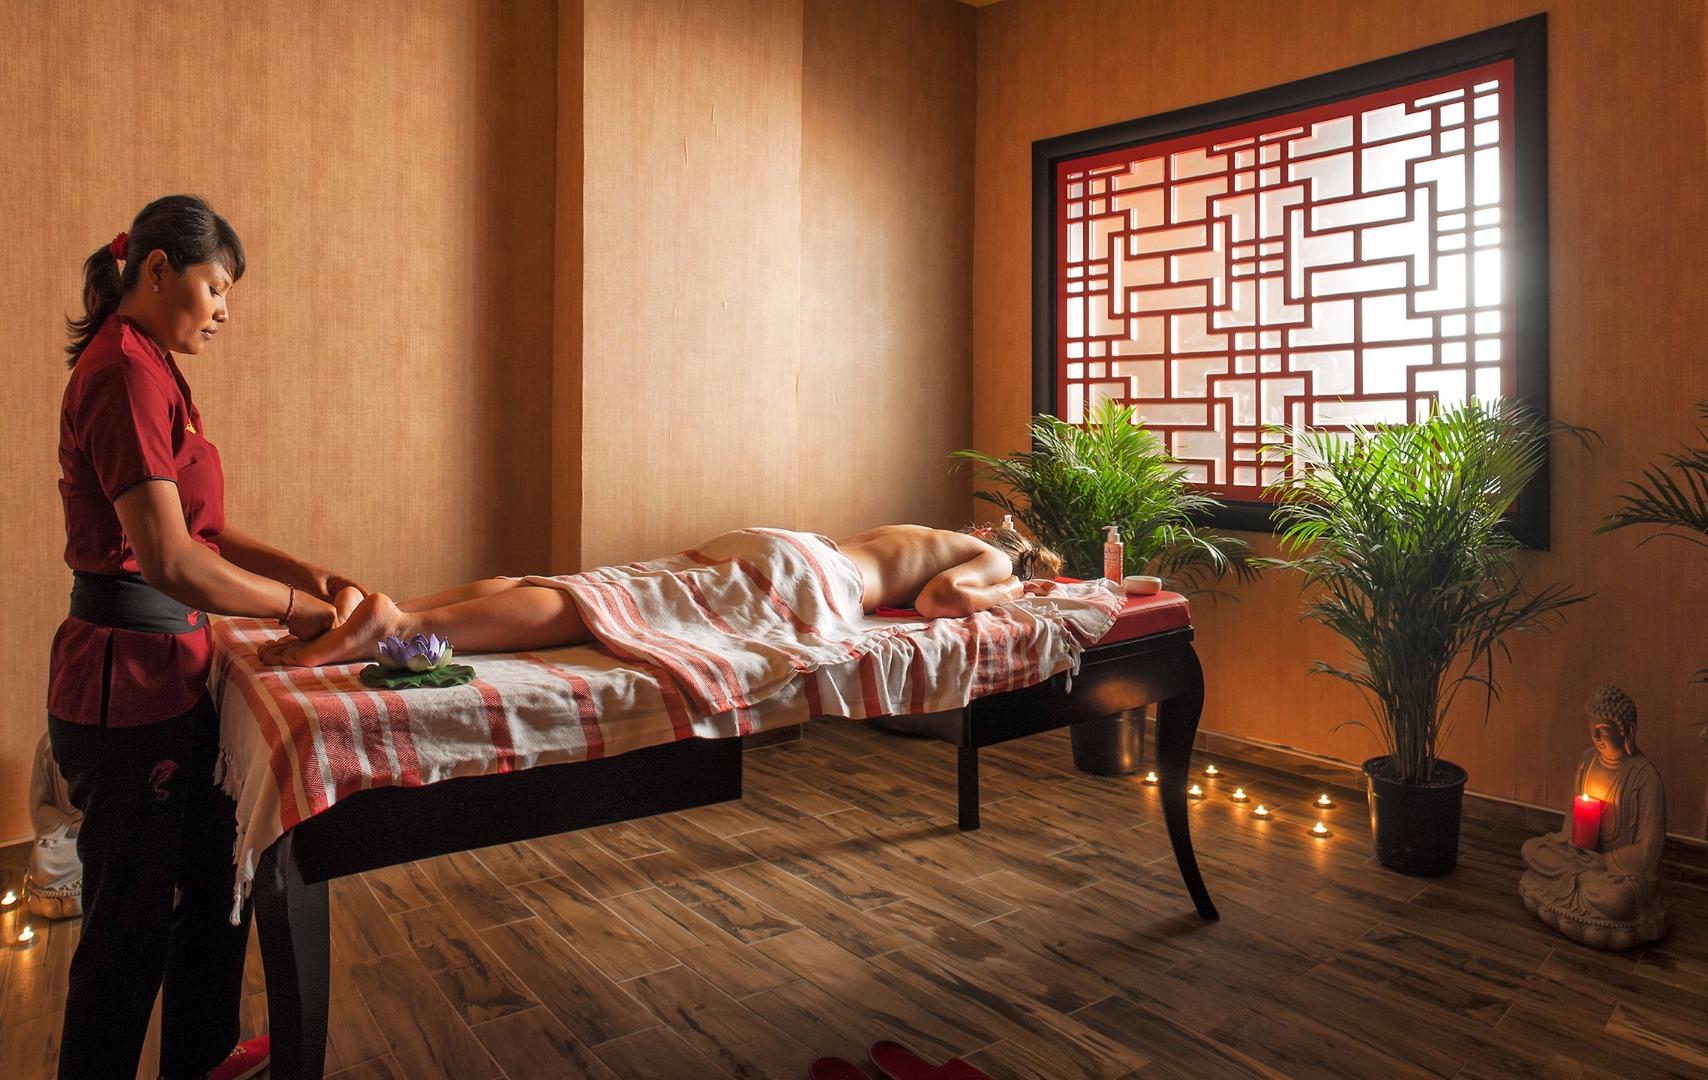 Профессиональный корректирующий и антицеллюлитный массажи помогут довести фигуру за время отдыха до совершенства.